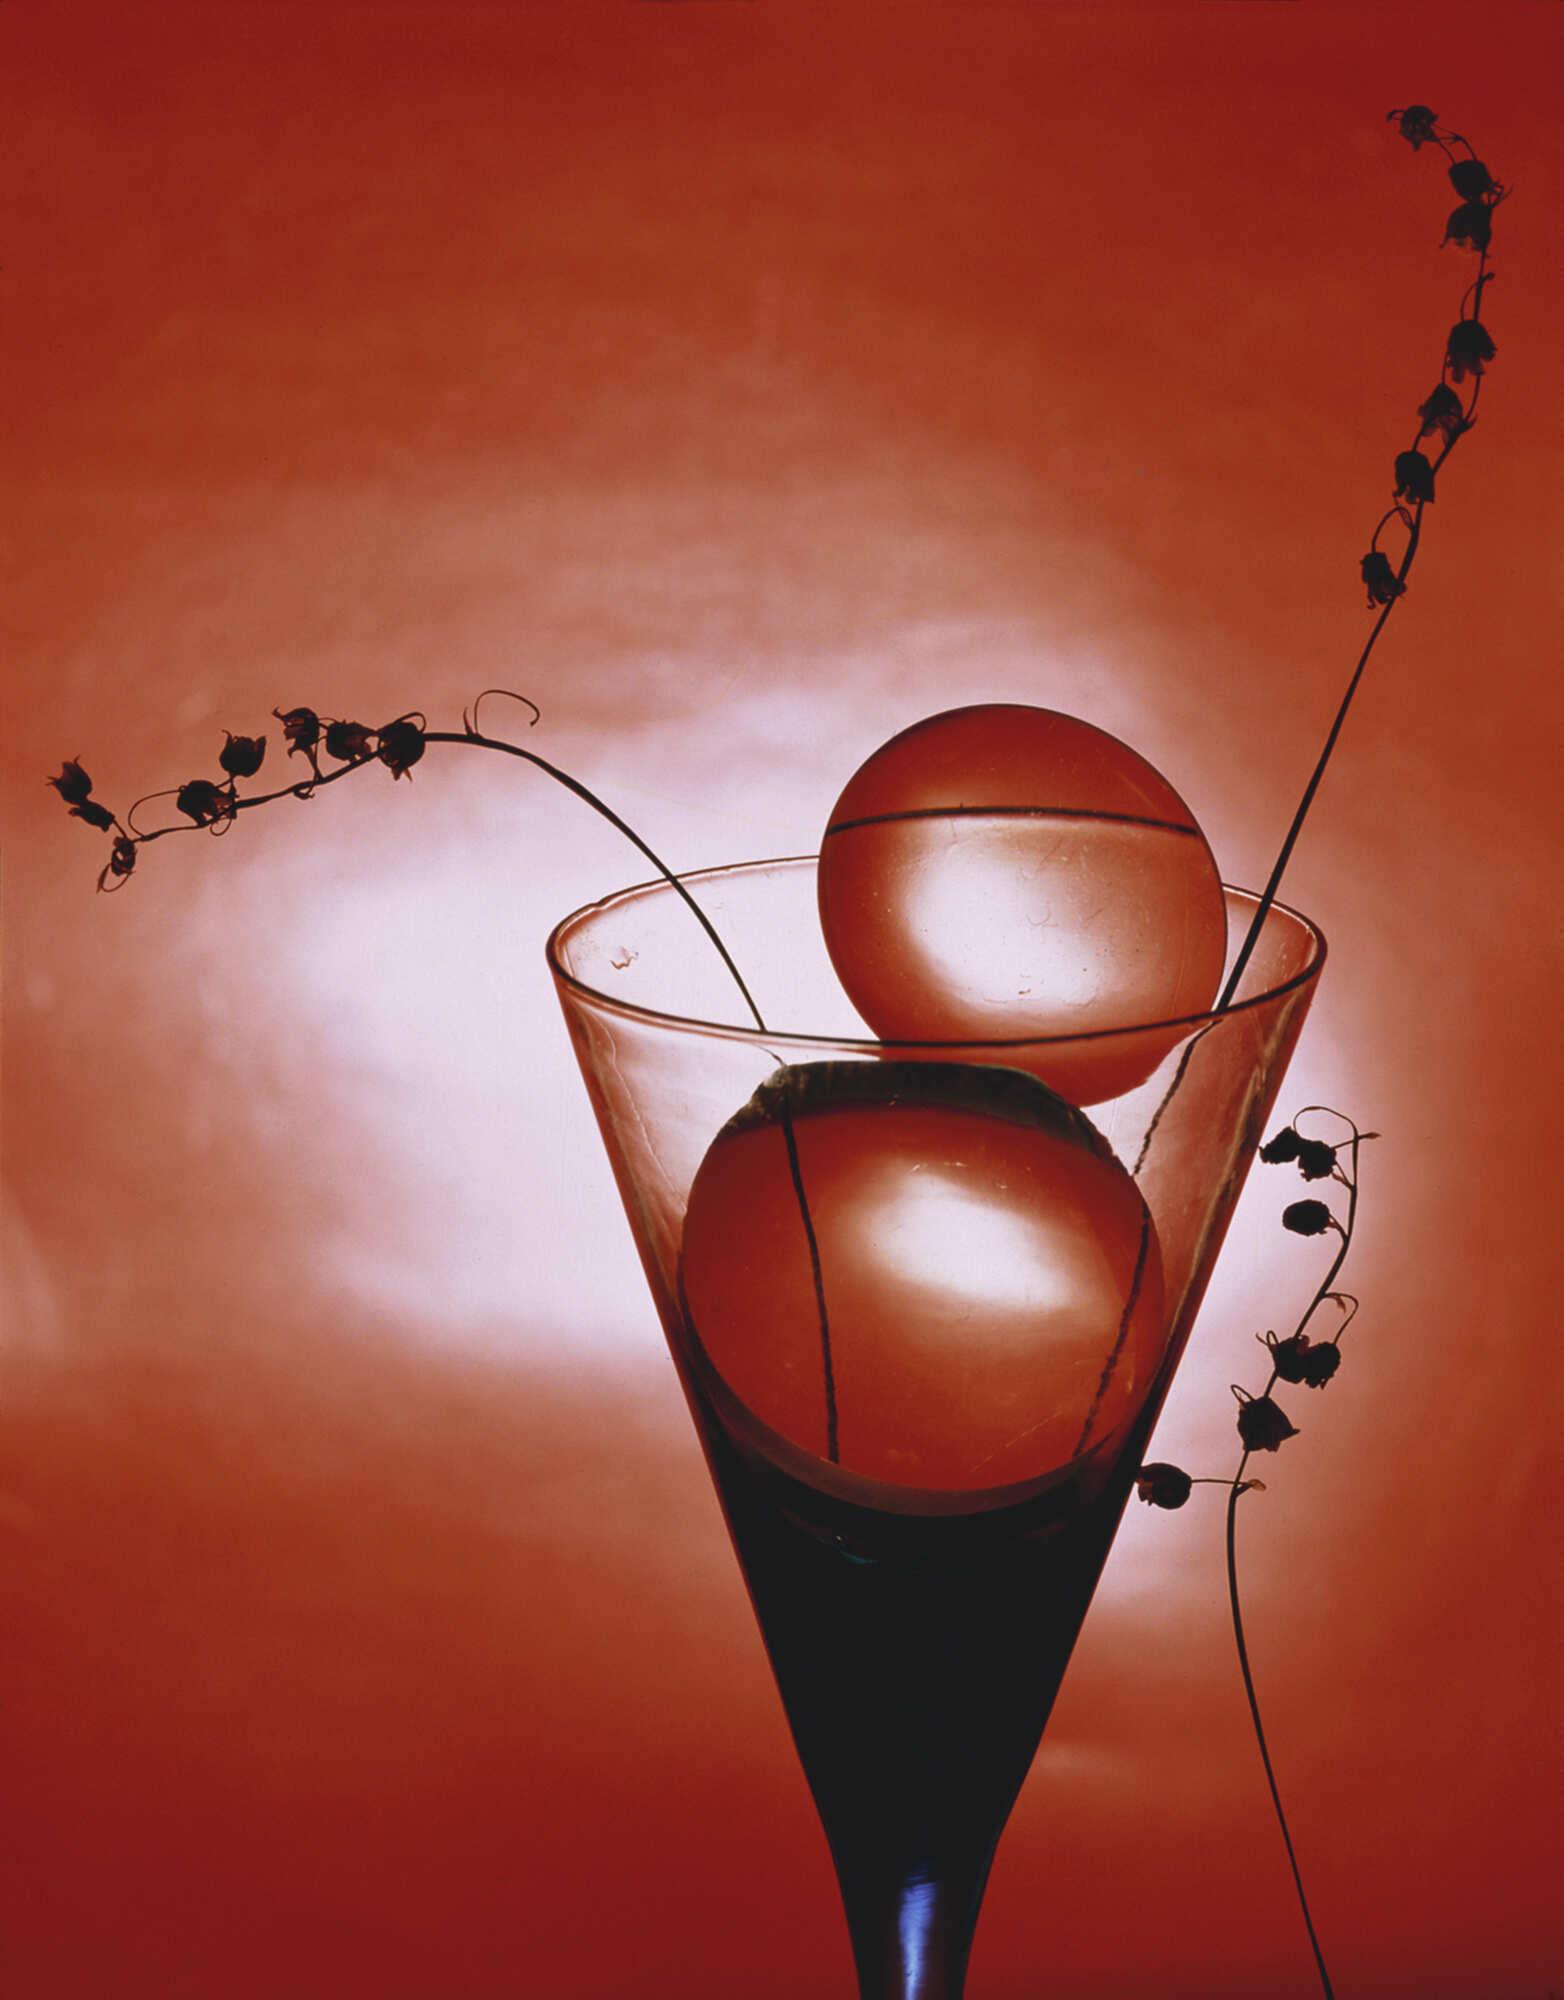 Винтажная фотография с изображением бокала